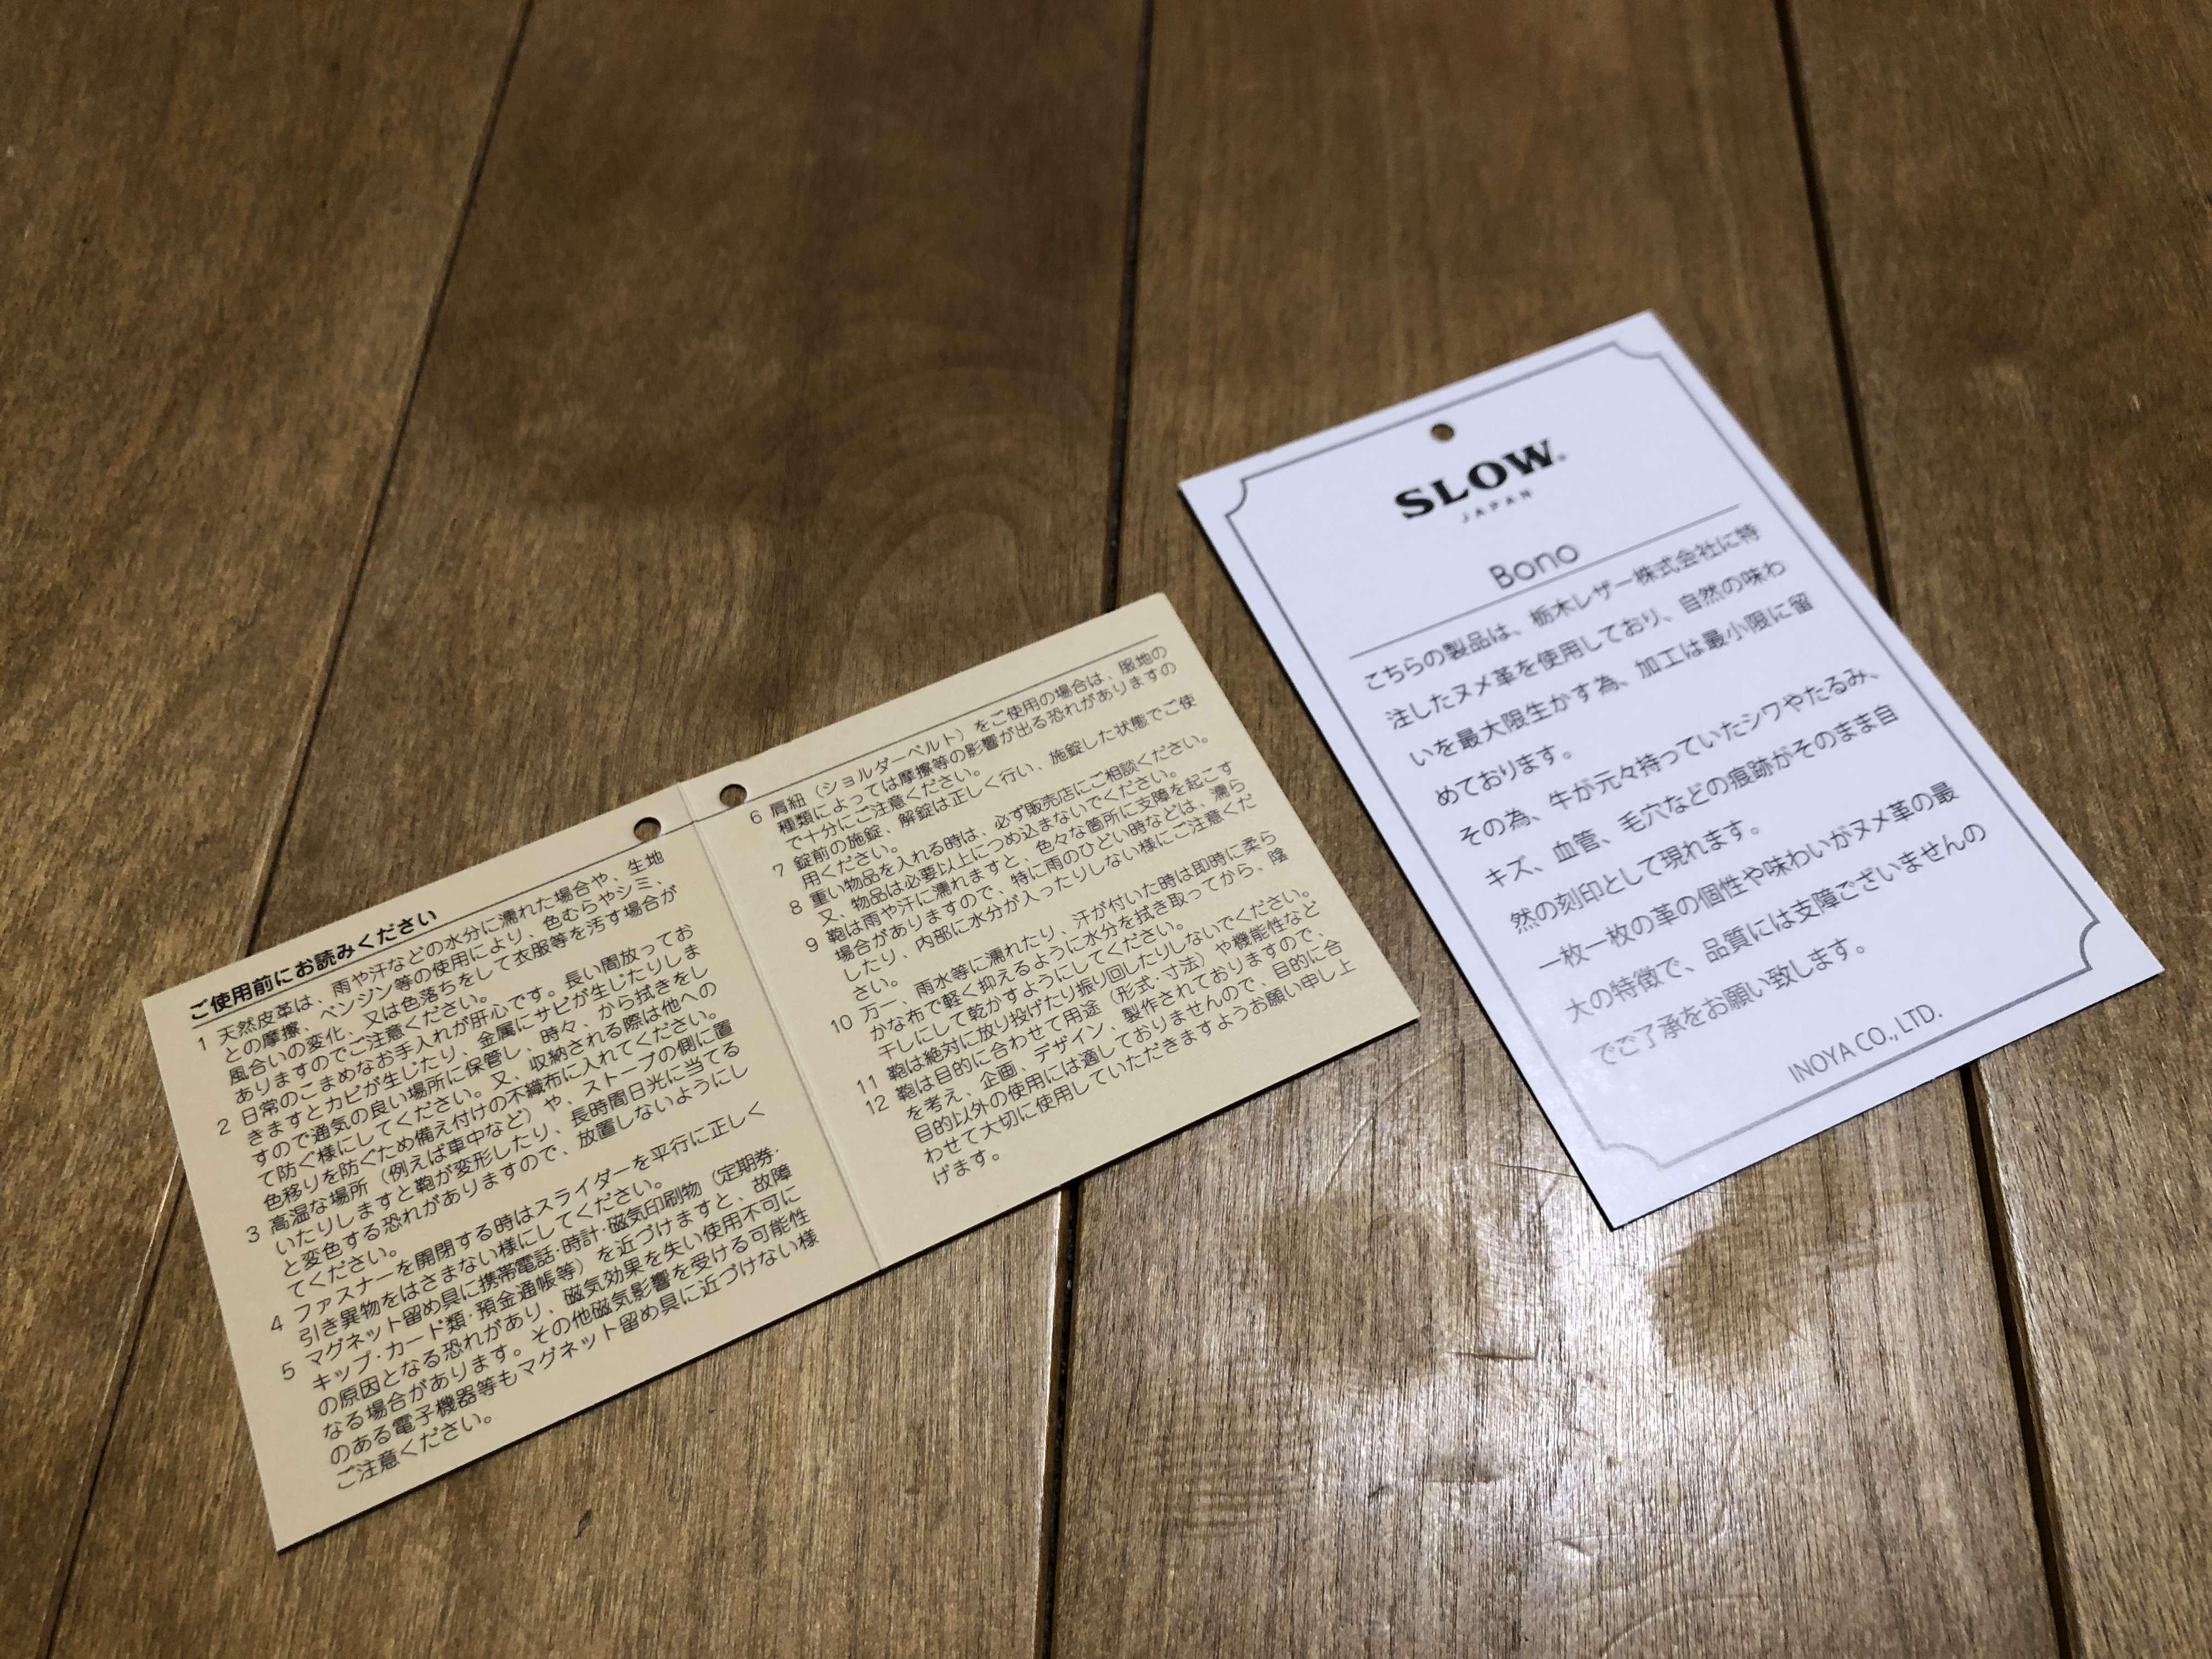 SLOW スロウ トートバッグ bono ボノ 49s39d ブラック 栃木レザー エイジング レビュー